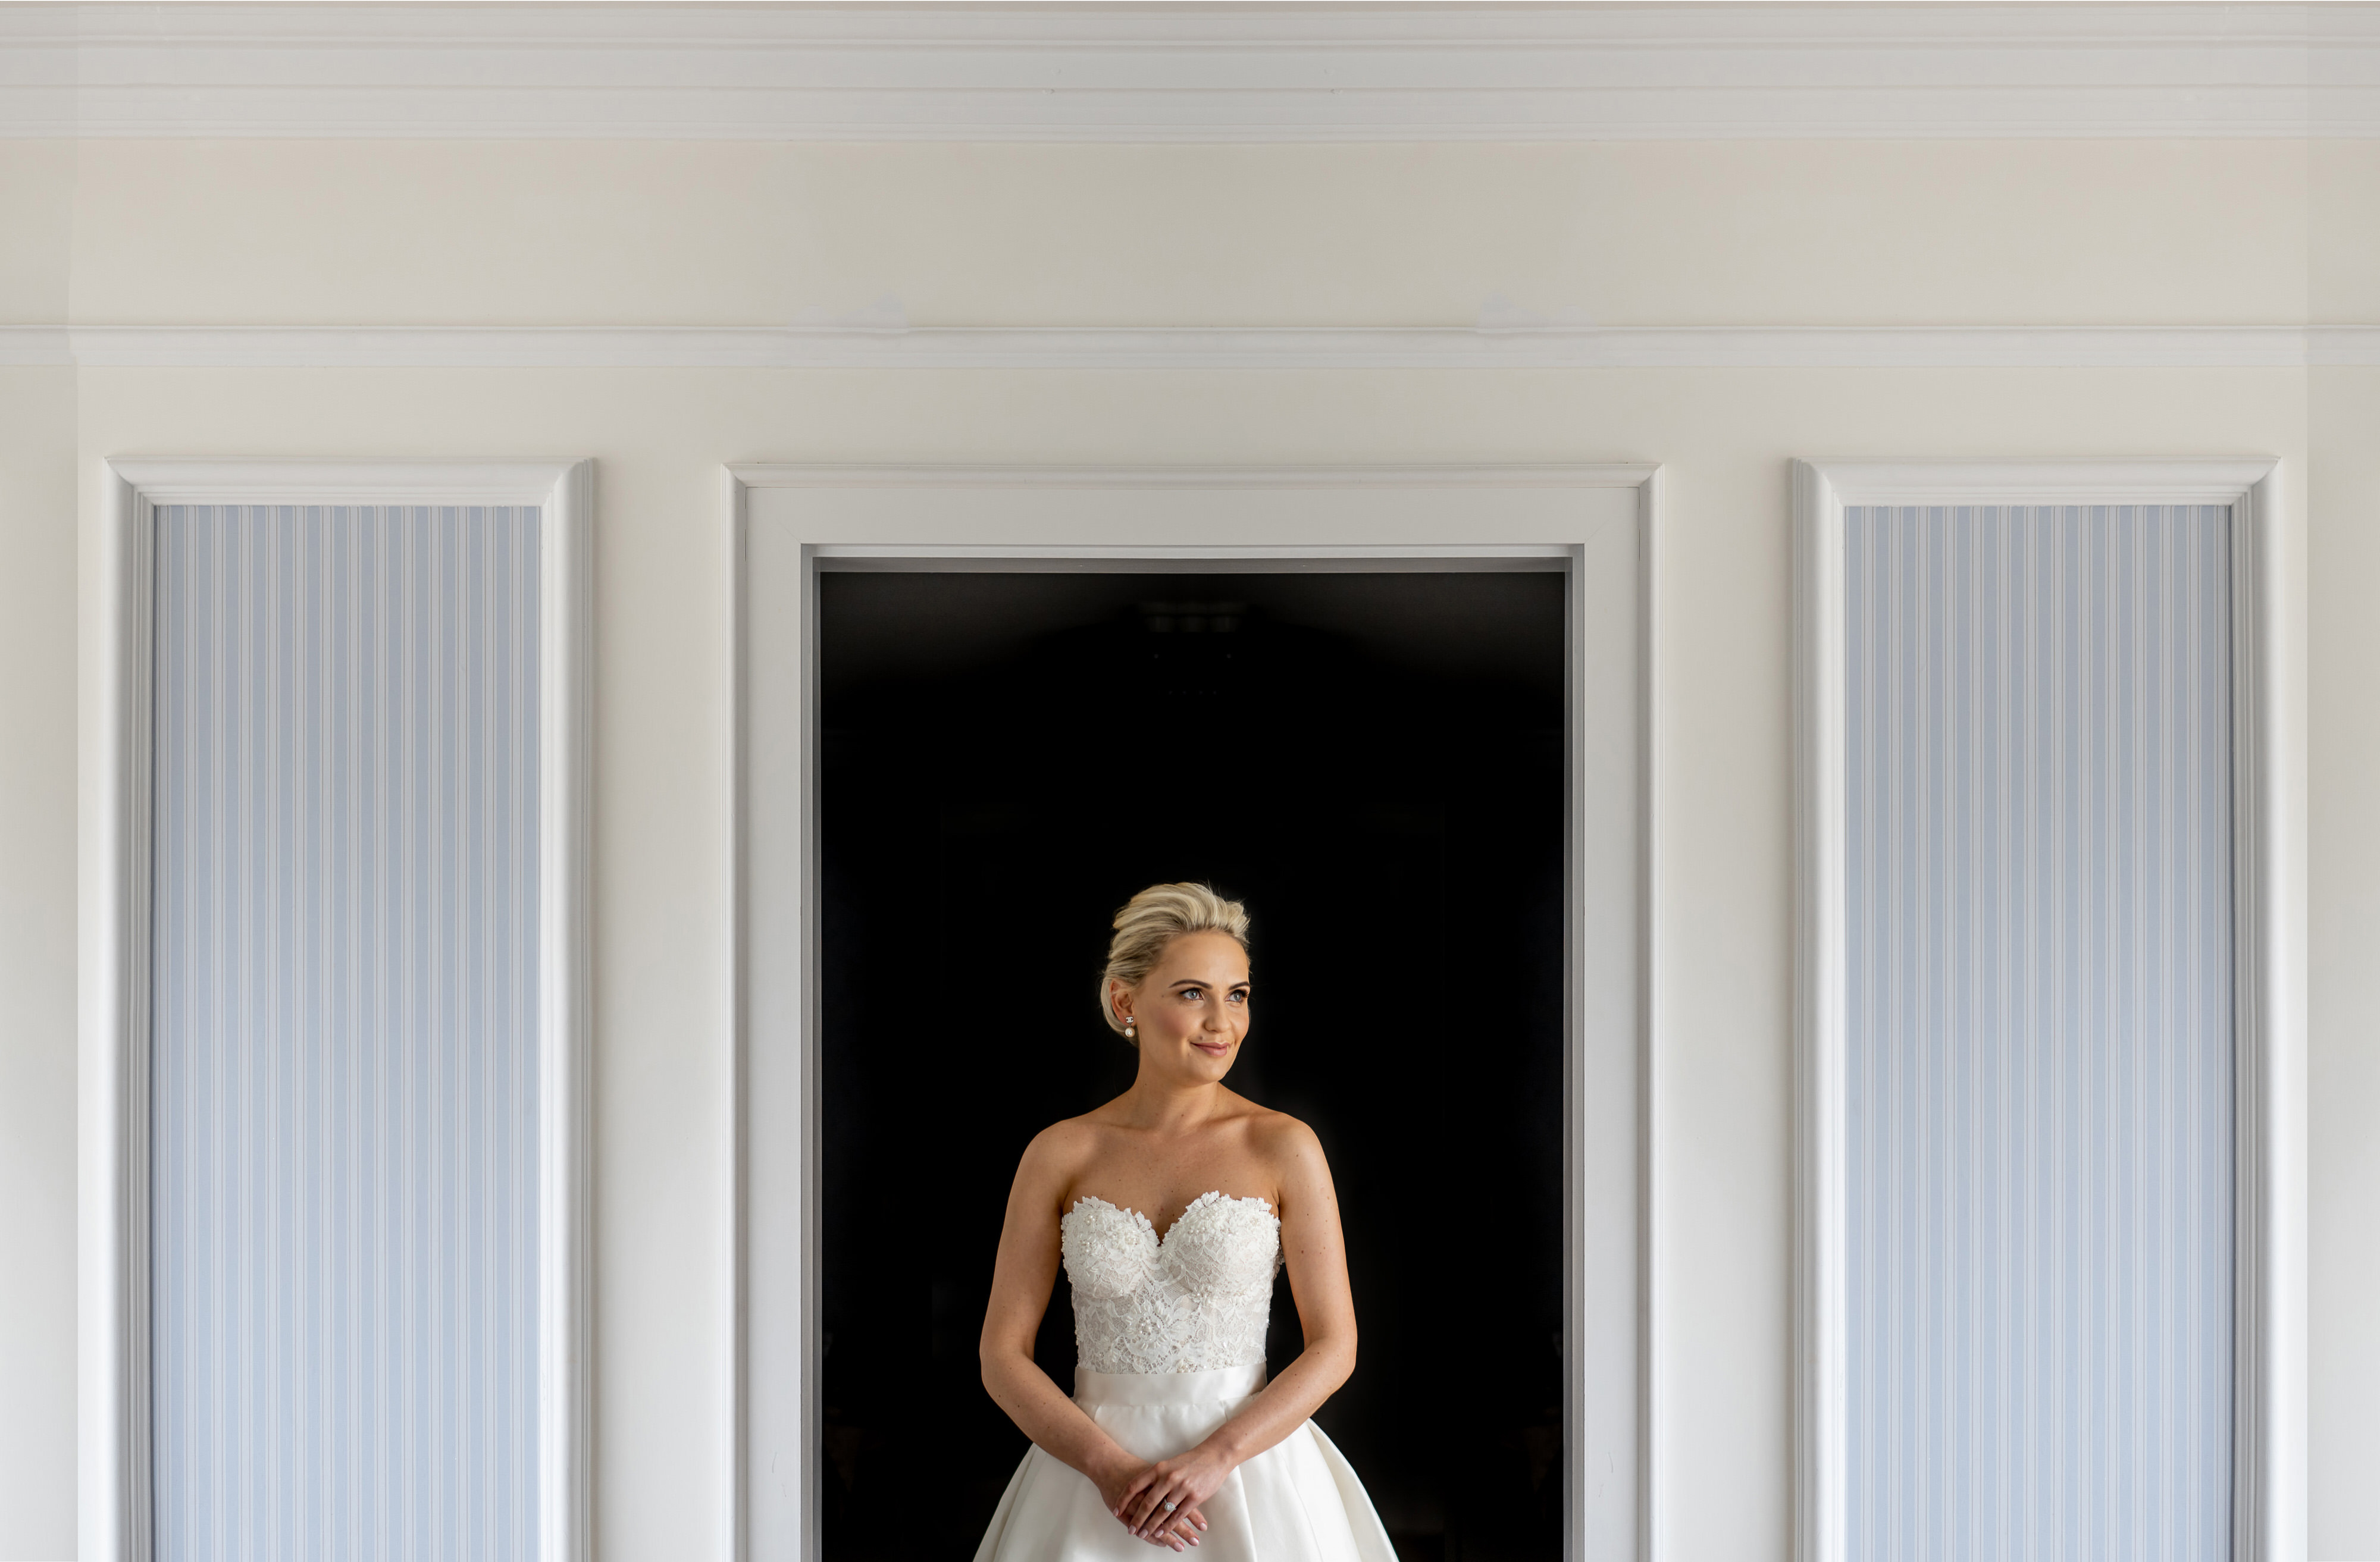 bride-portrait-in-doorway-john-gillooley